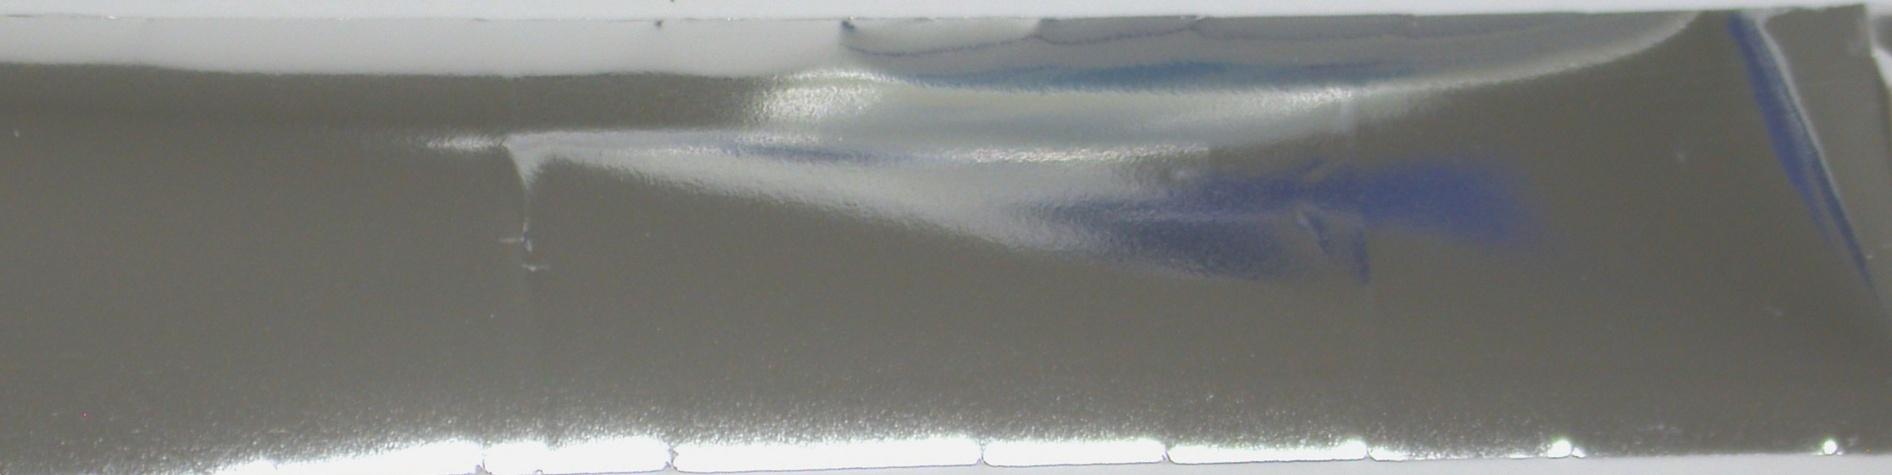 VIVI Folie na nehty hladká stříbrná 50 cm